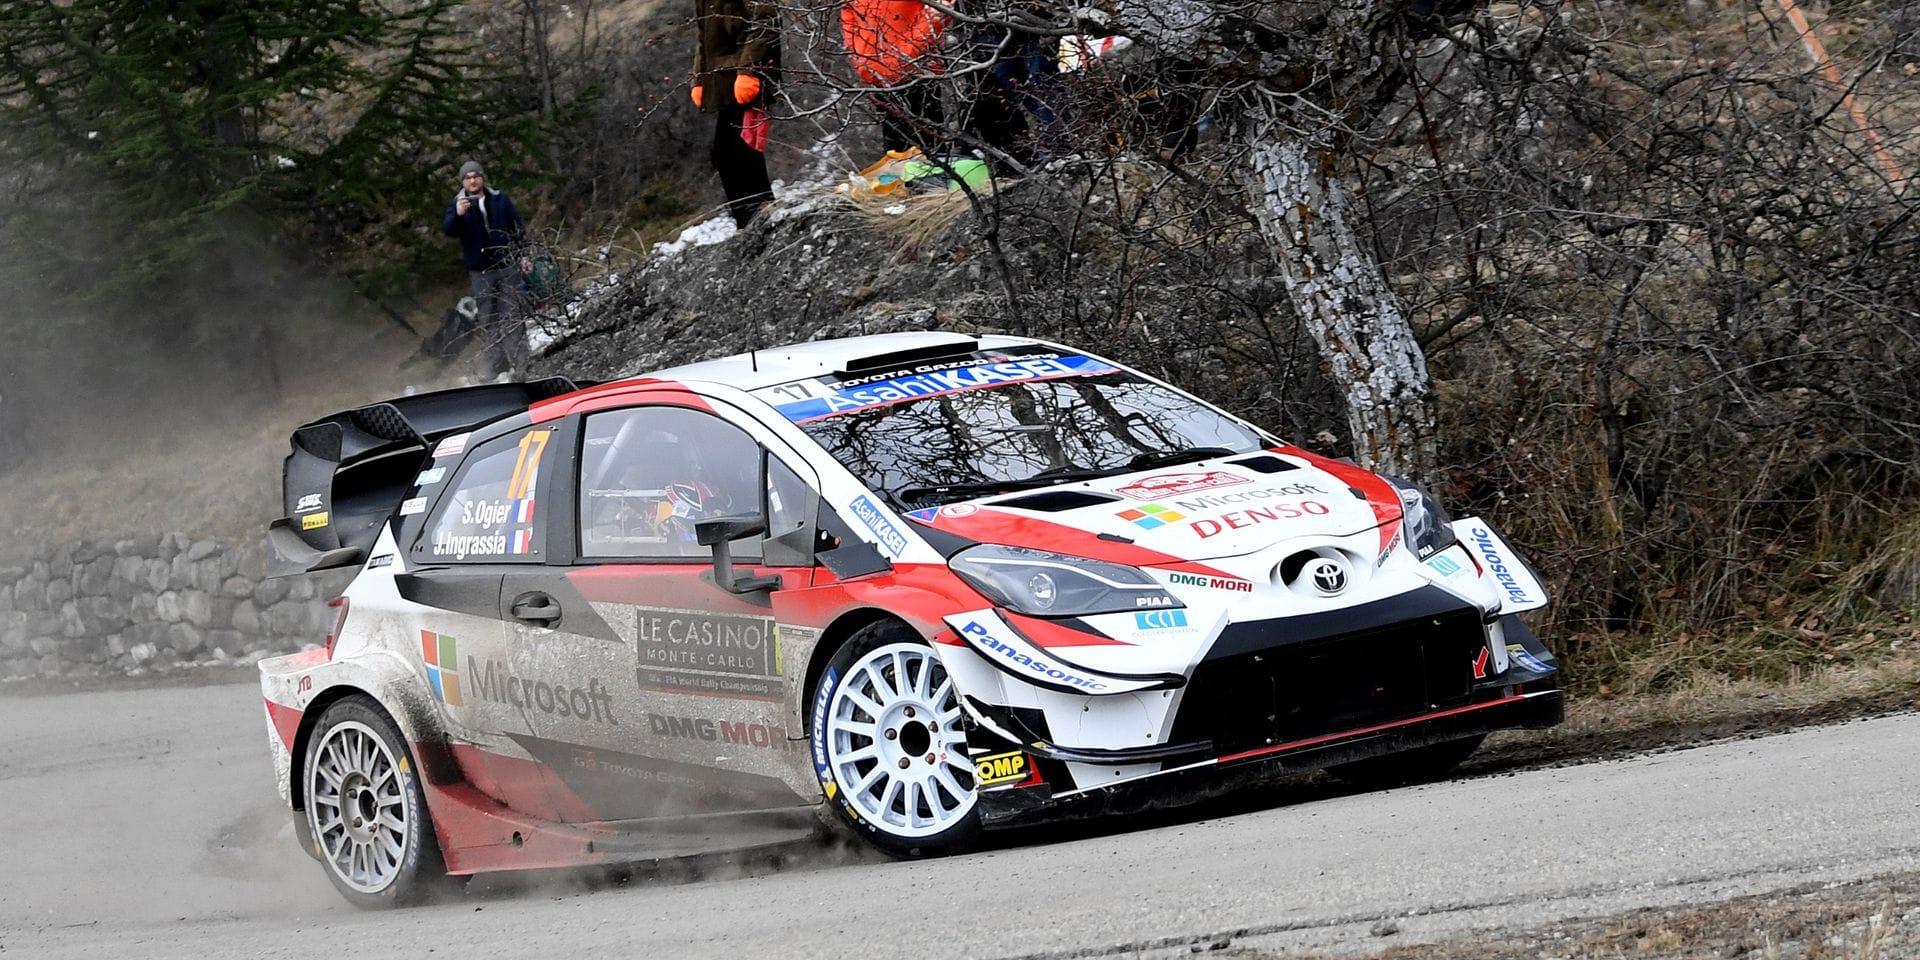 Rallye Monte-Carlo 2e étape: Ogier prend la tête 1.2 devant Evans, 2e scratch pour Neuville